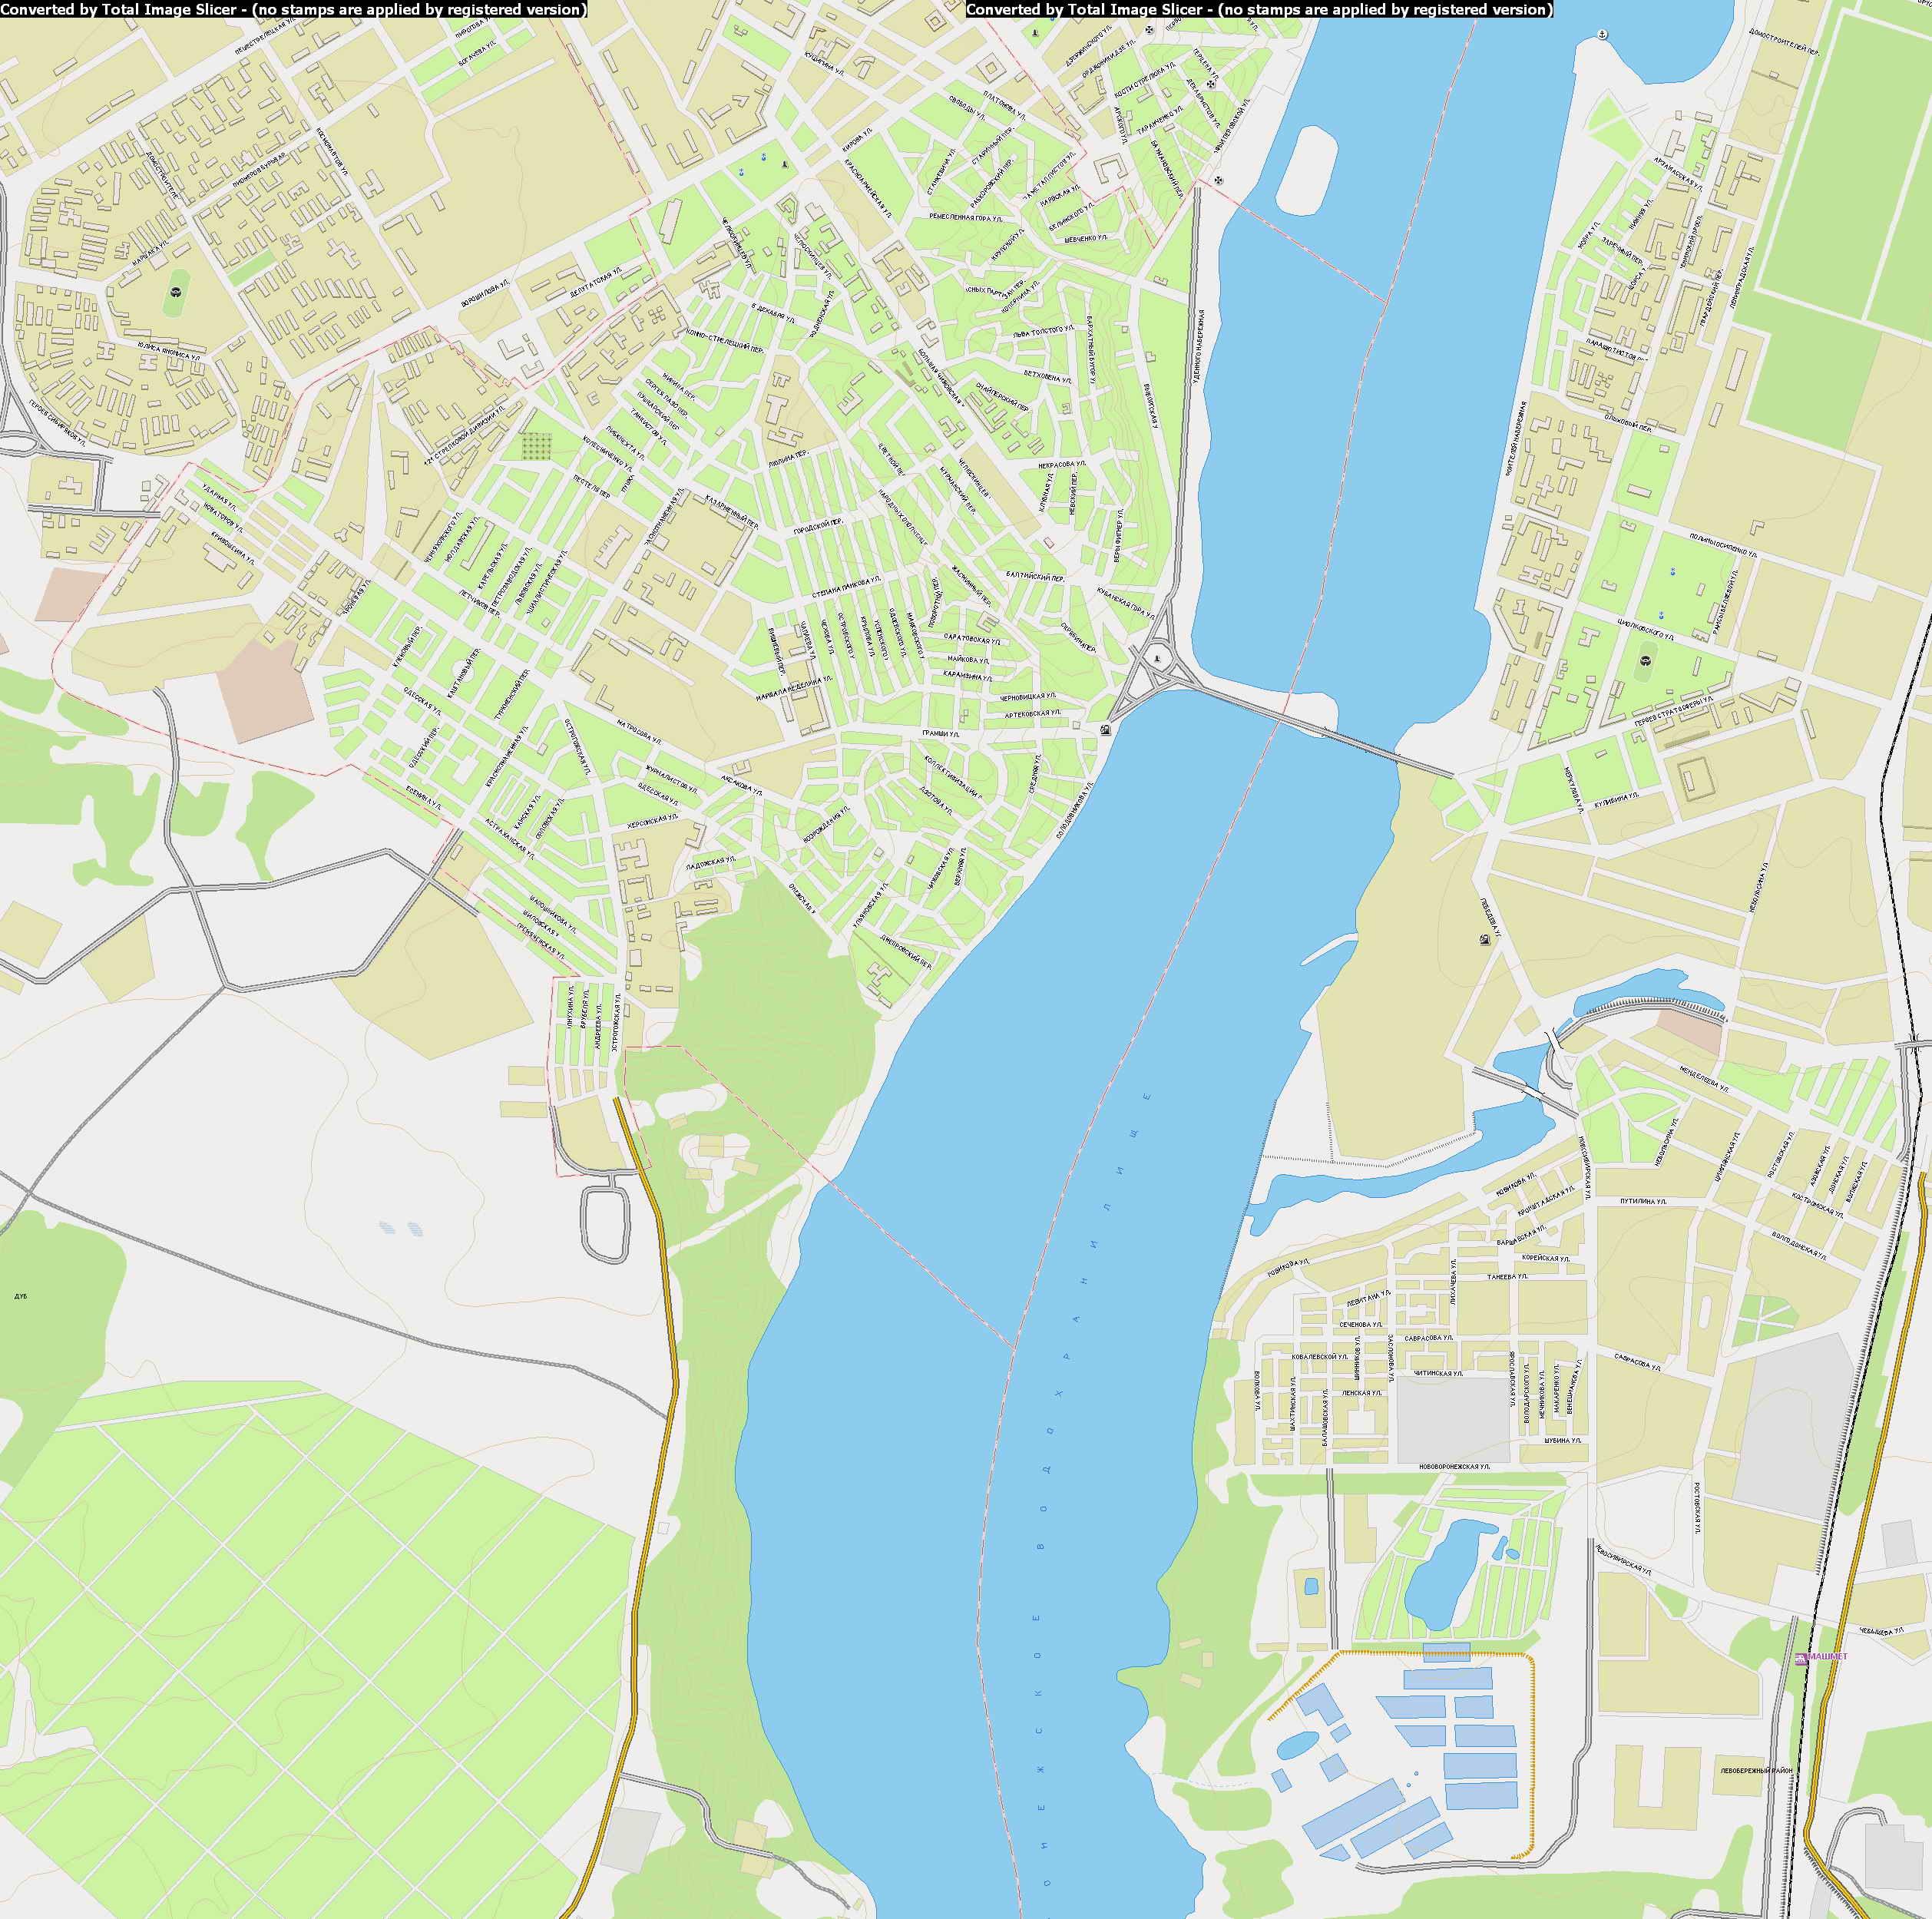 Карта г. Воронеж 1см = 135м. Карта автодорог, районов ...: http://raster-maps.com/?p=330